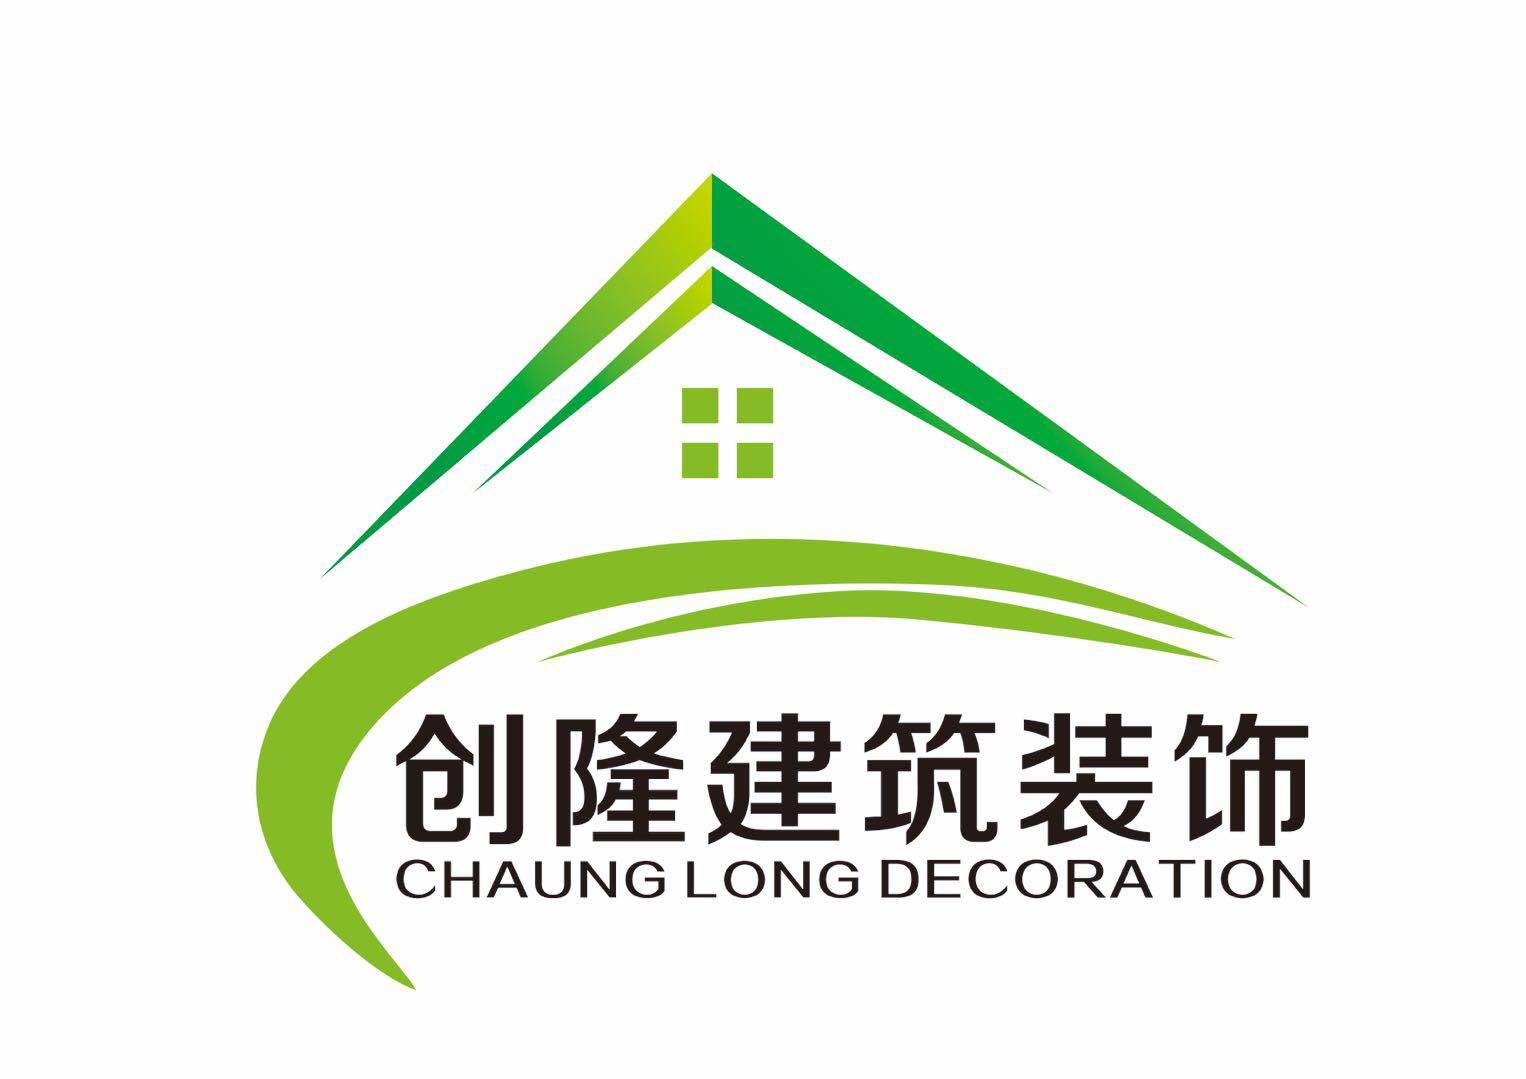 广西创隆建筑装饰工程有限公司 - 南宁装修公司